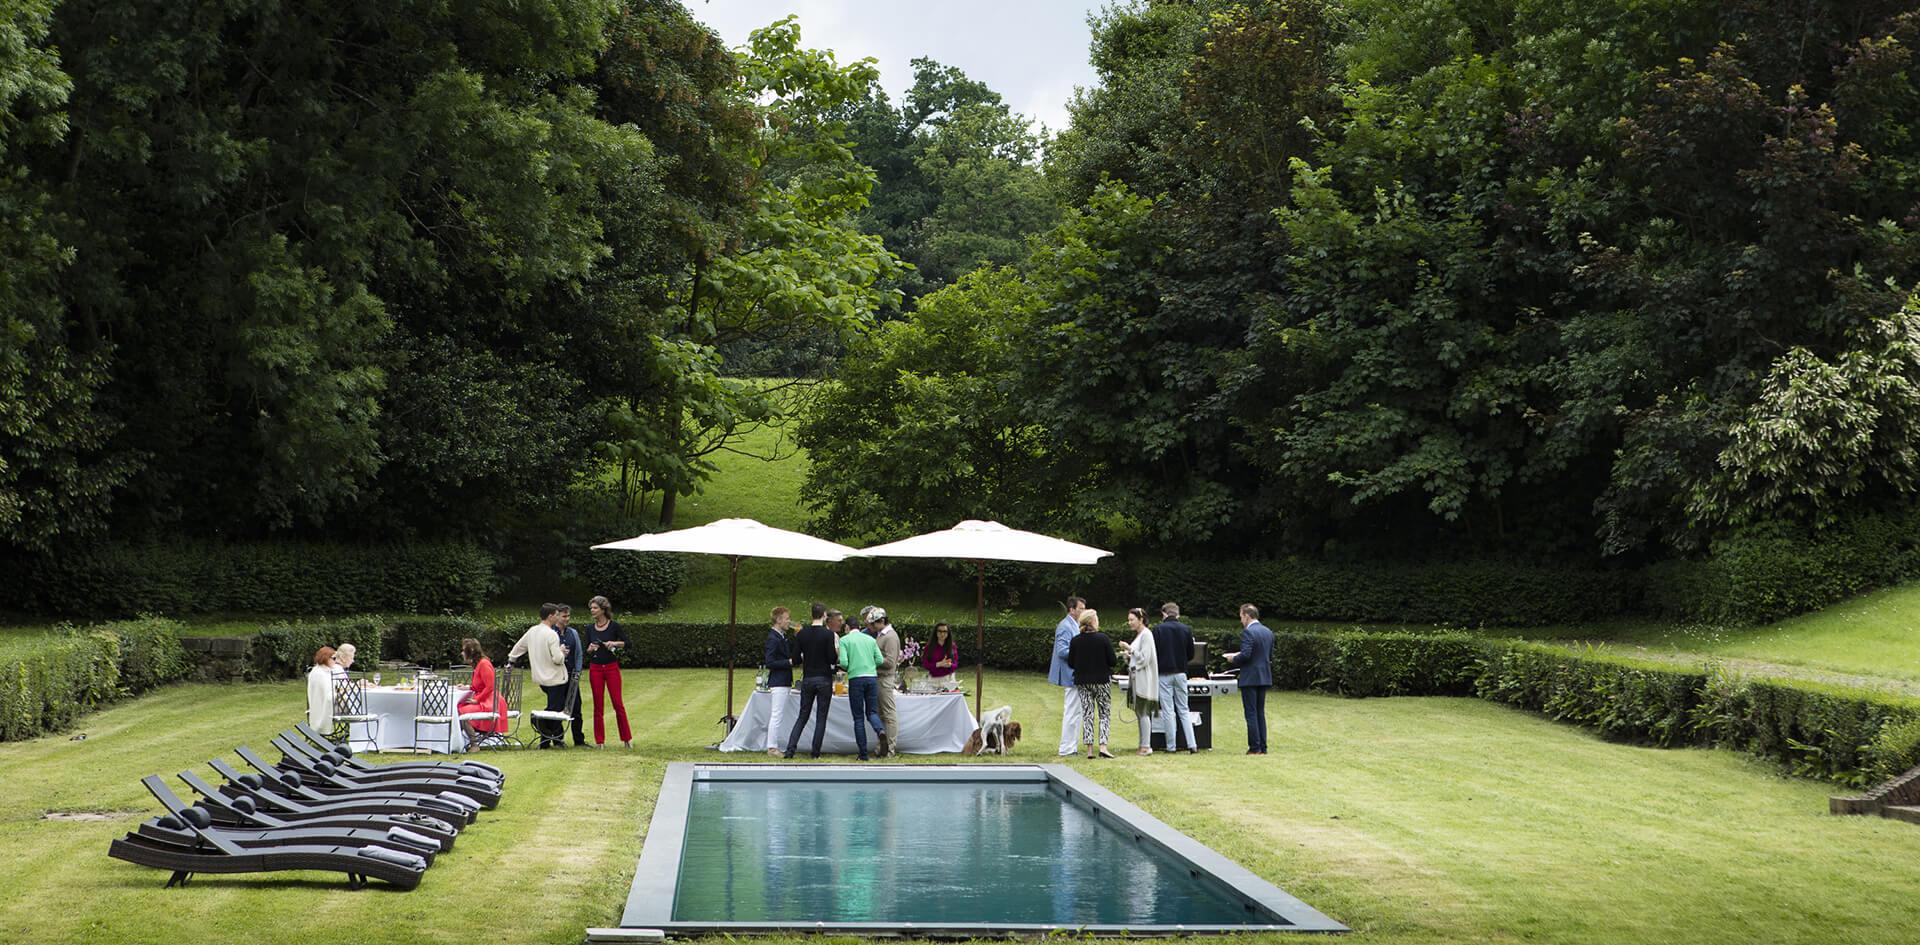 Réception et mariage dans le parc près de la piscine extérieur